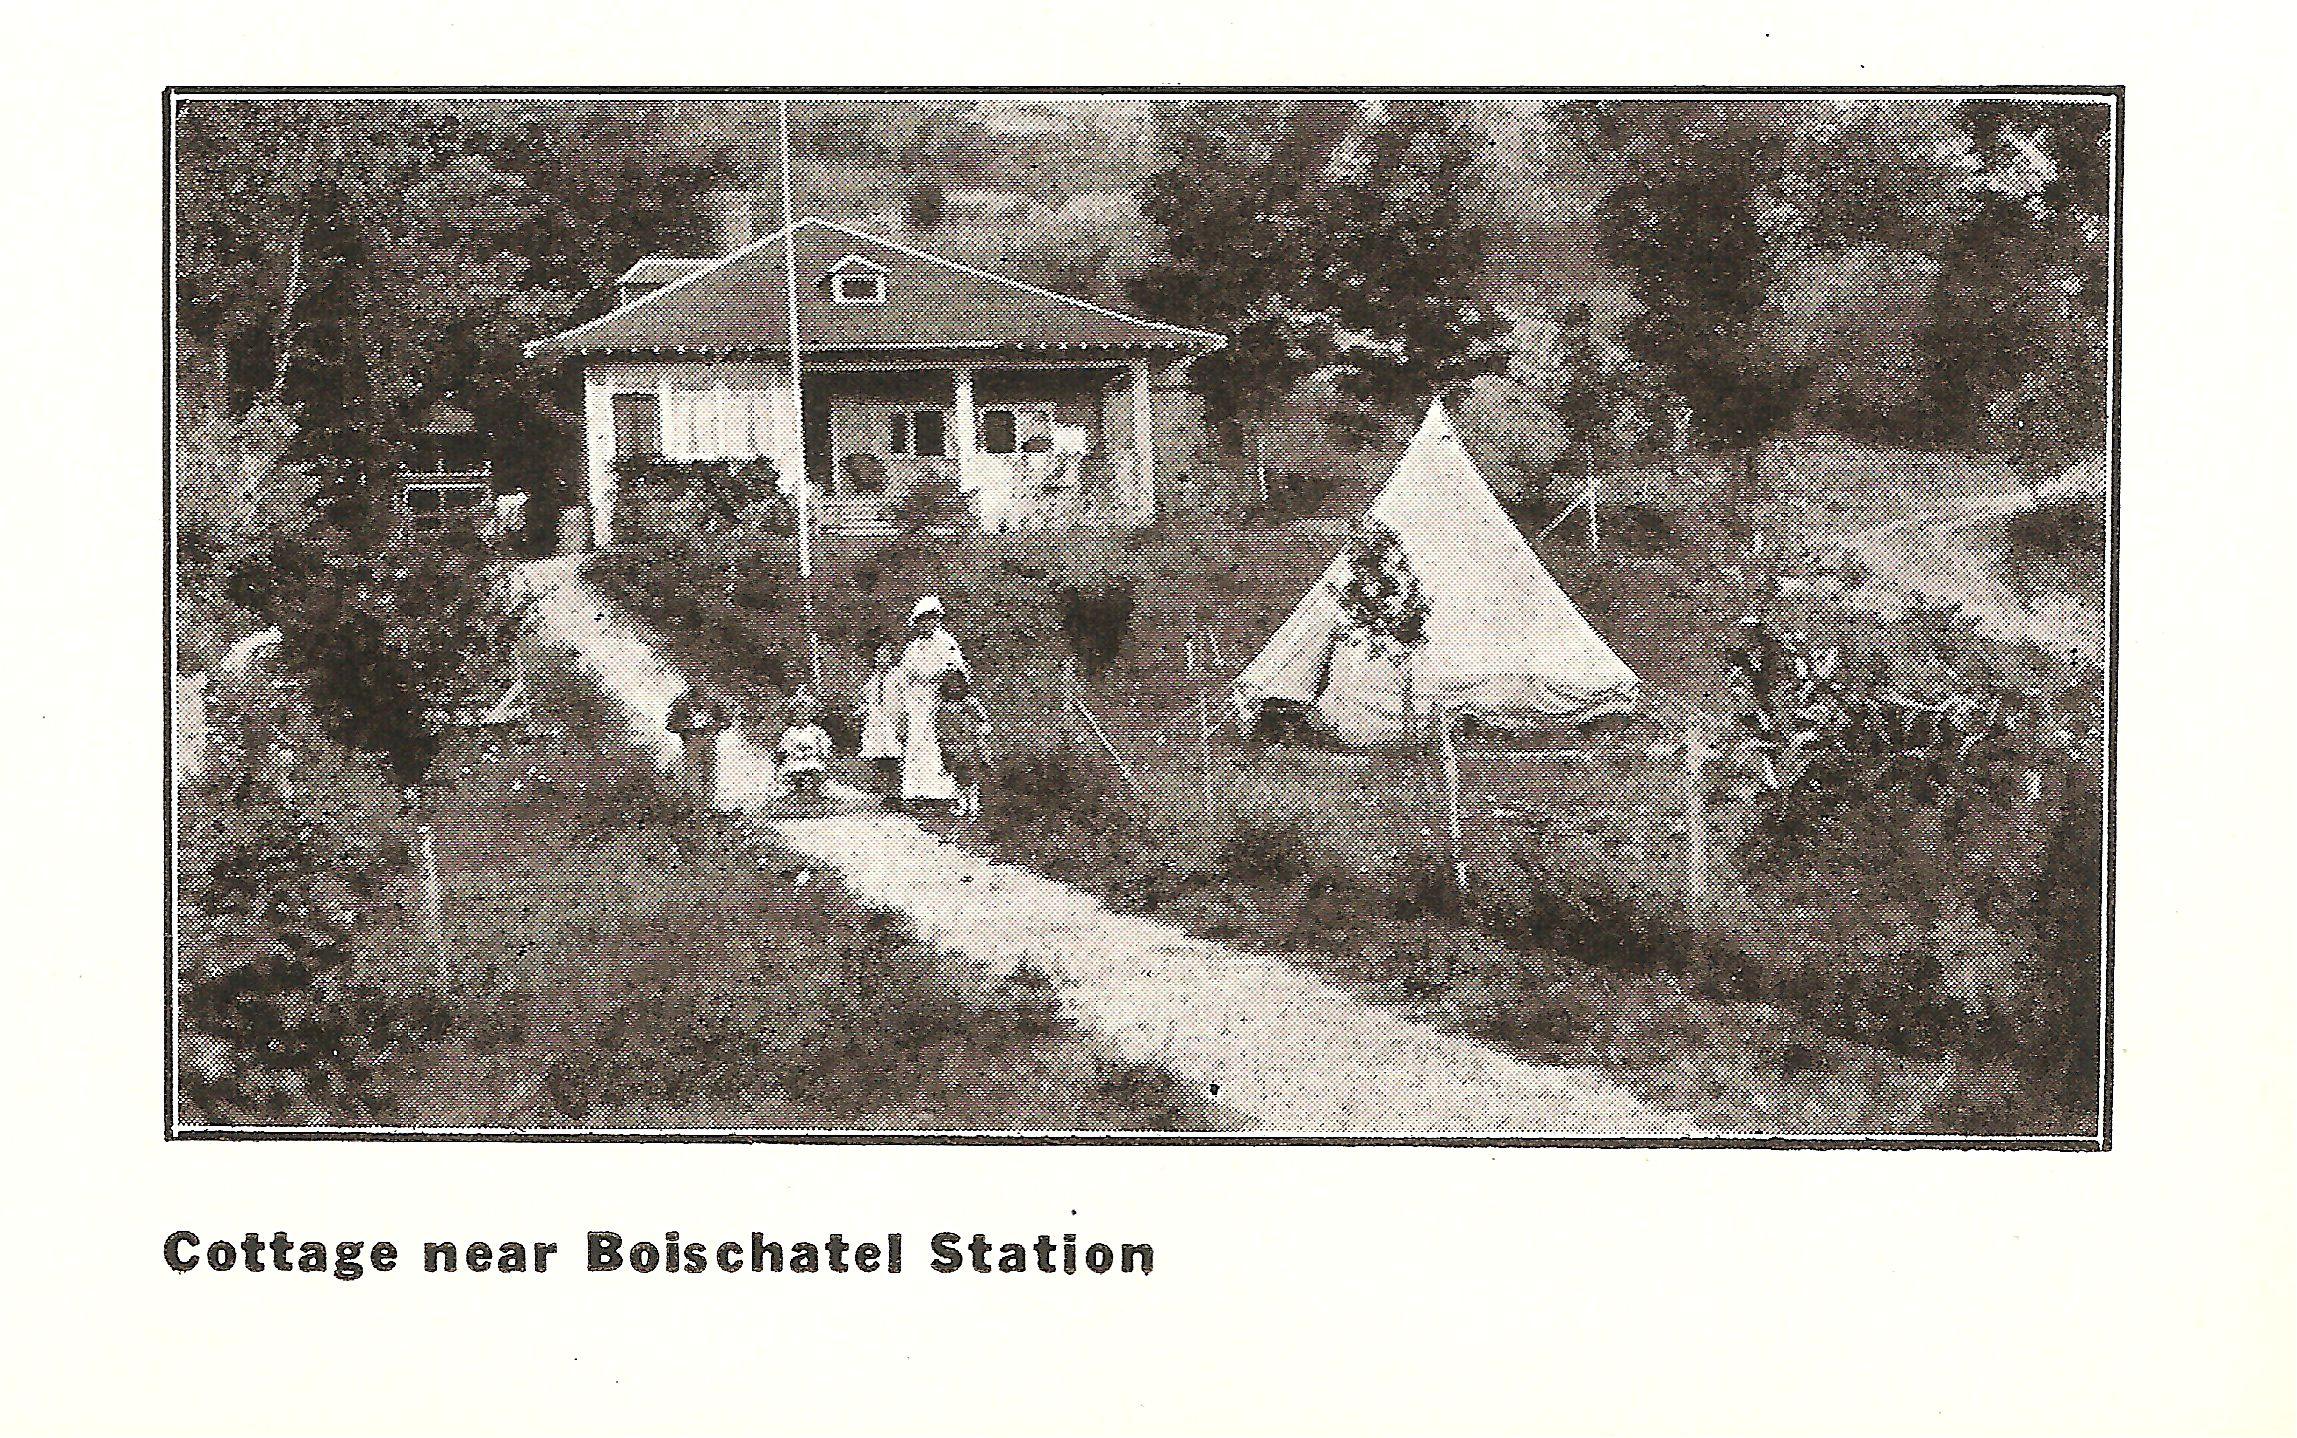 Une villa à proximité de la station de Boischatel de la Quebec Railway Light & Power Company. Elle a été tirée d'une brochure publicitaire de cette compagnie, publiée vers 1910. Par ailleurs, cette villa se trouve aujourd'hui à l'est du pied de la côte de Boischatel.